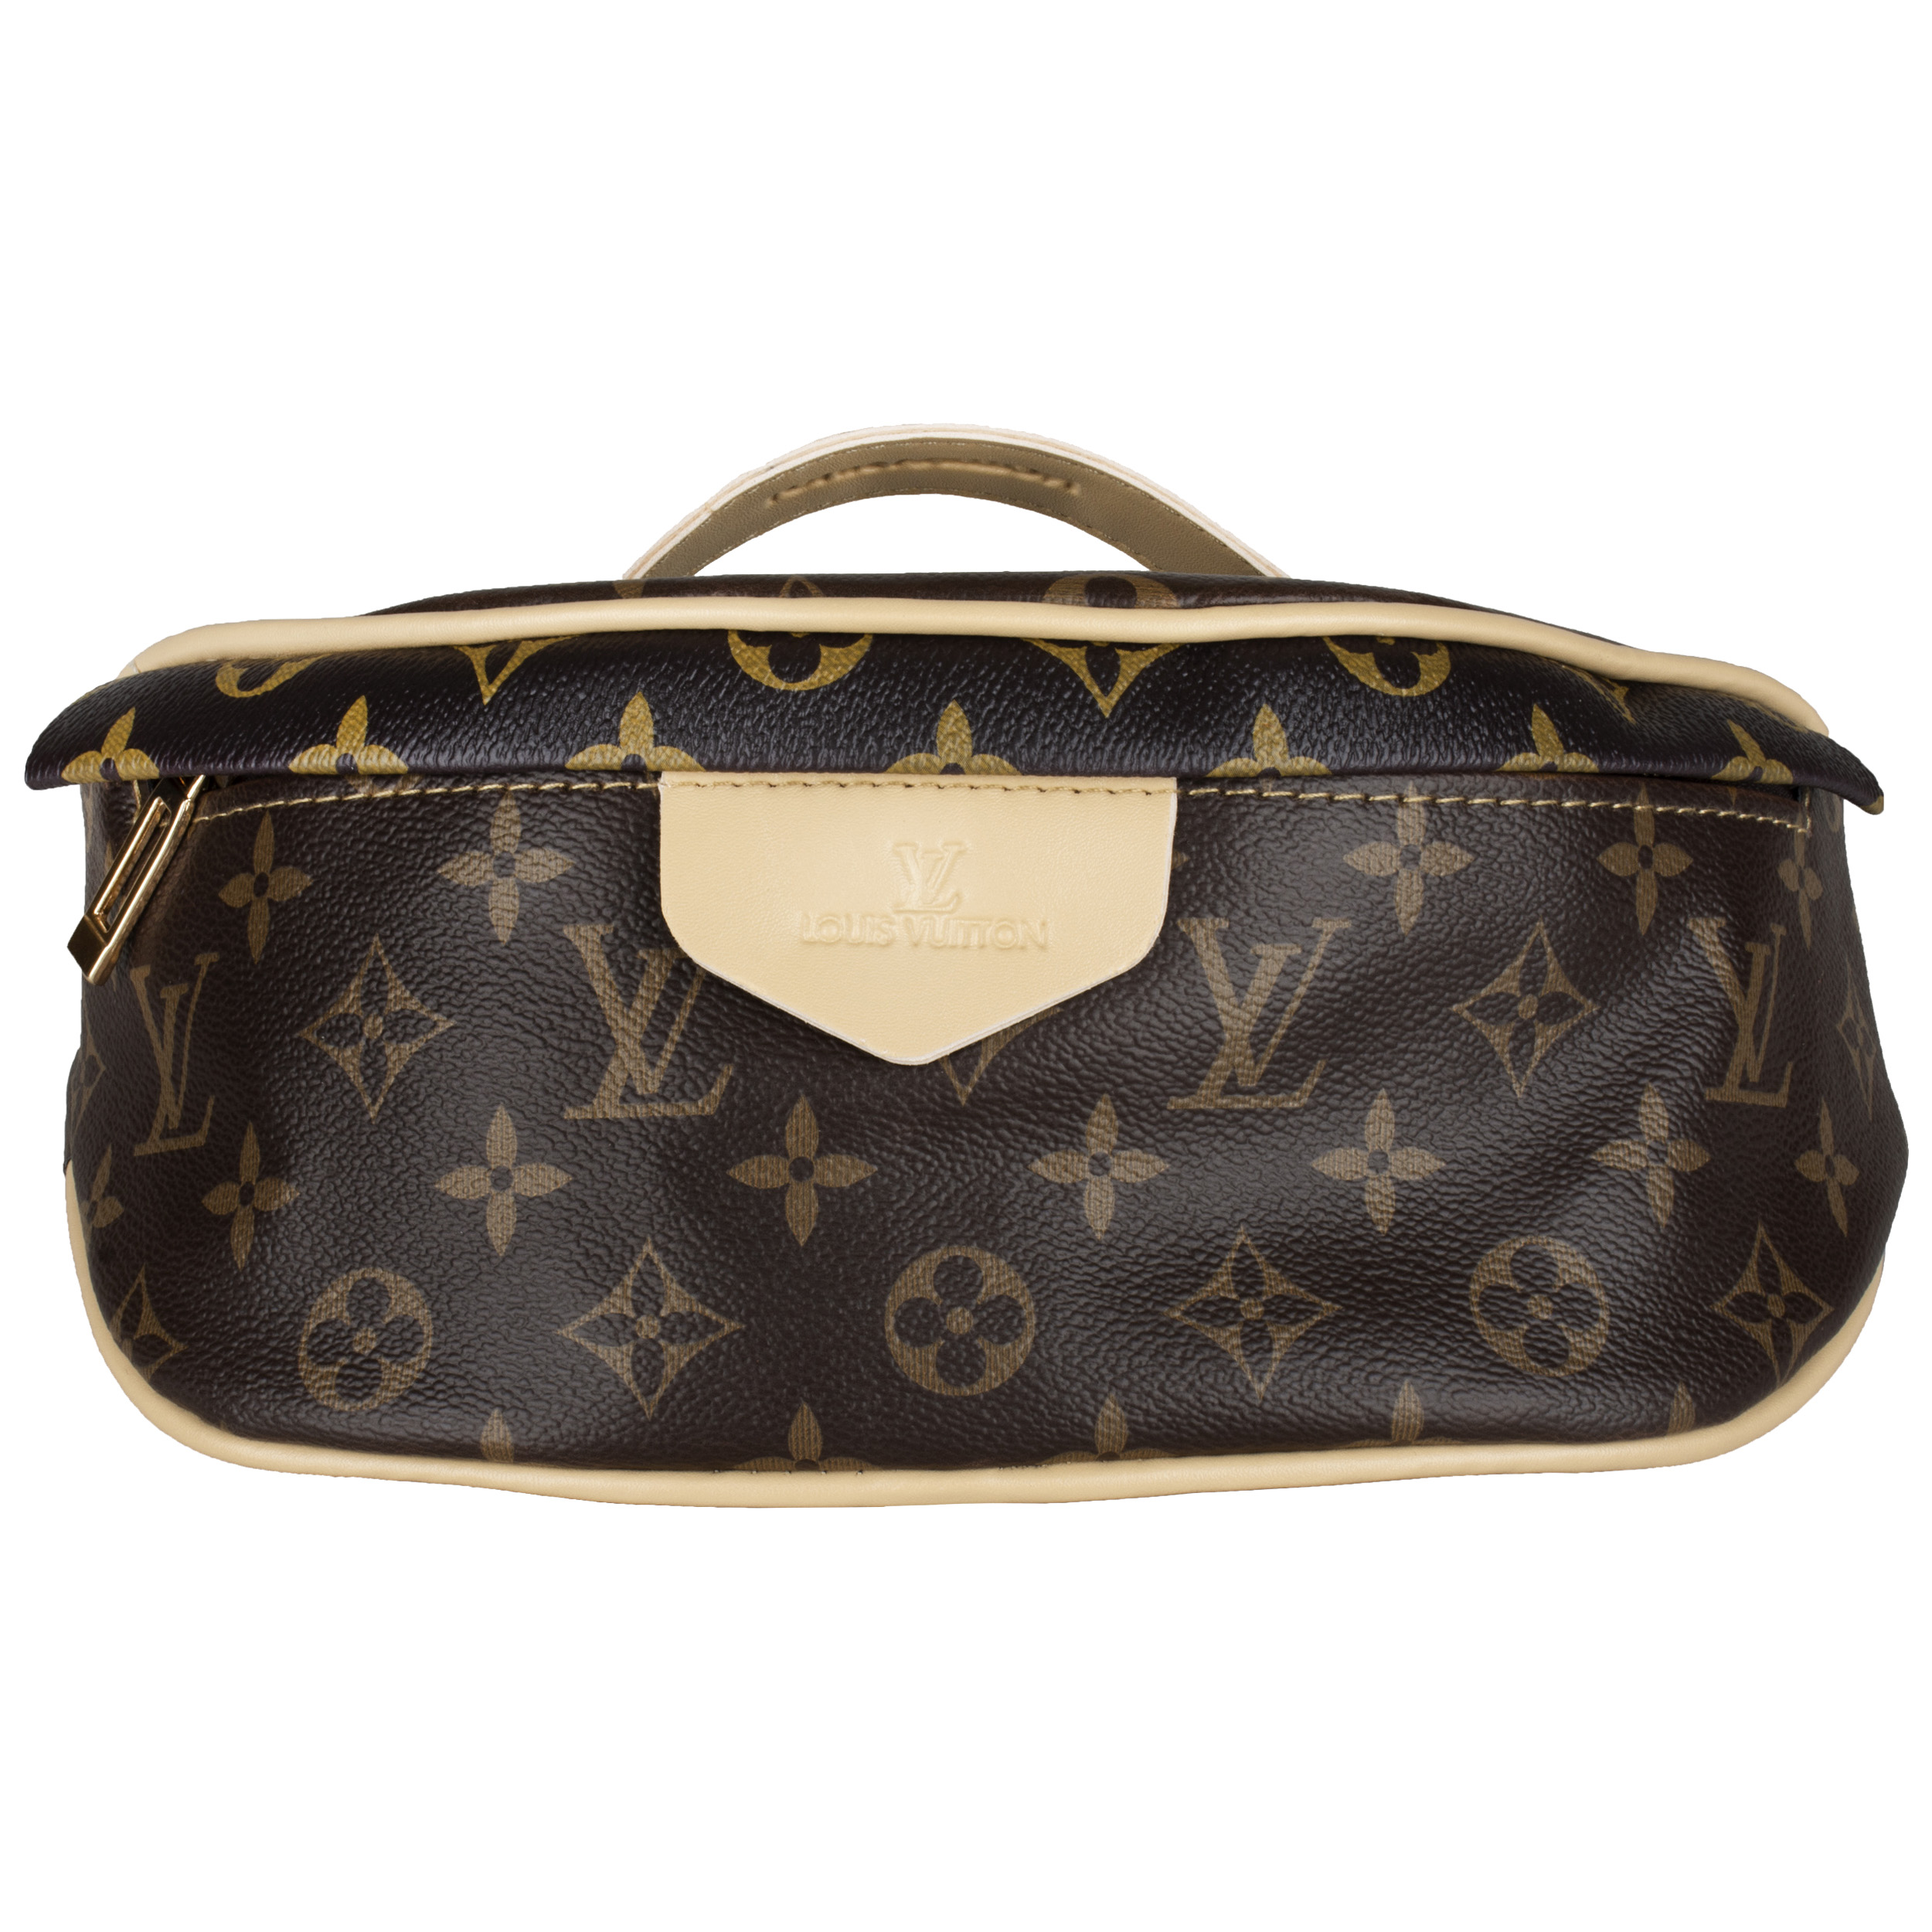 قیمت کیف کمری زنانه کد 2566